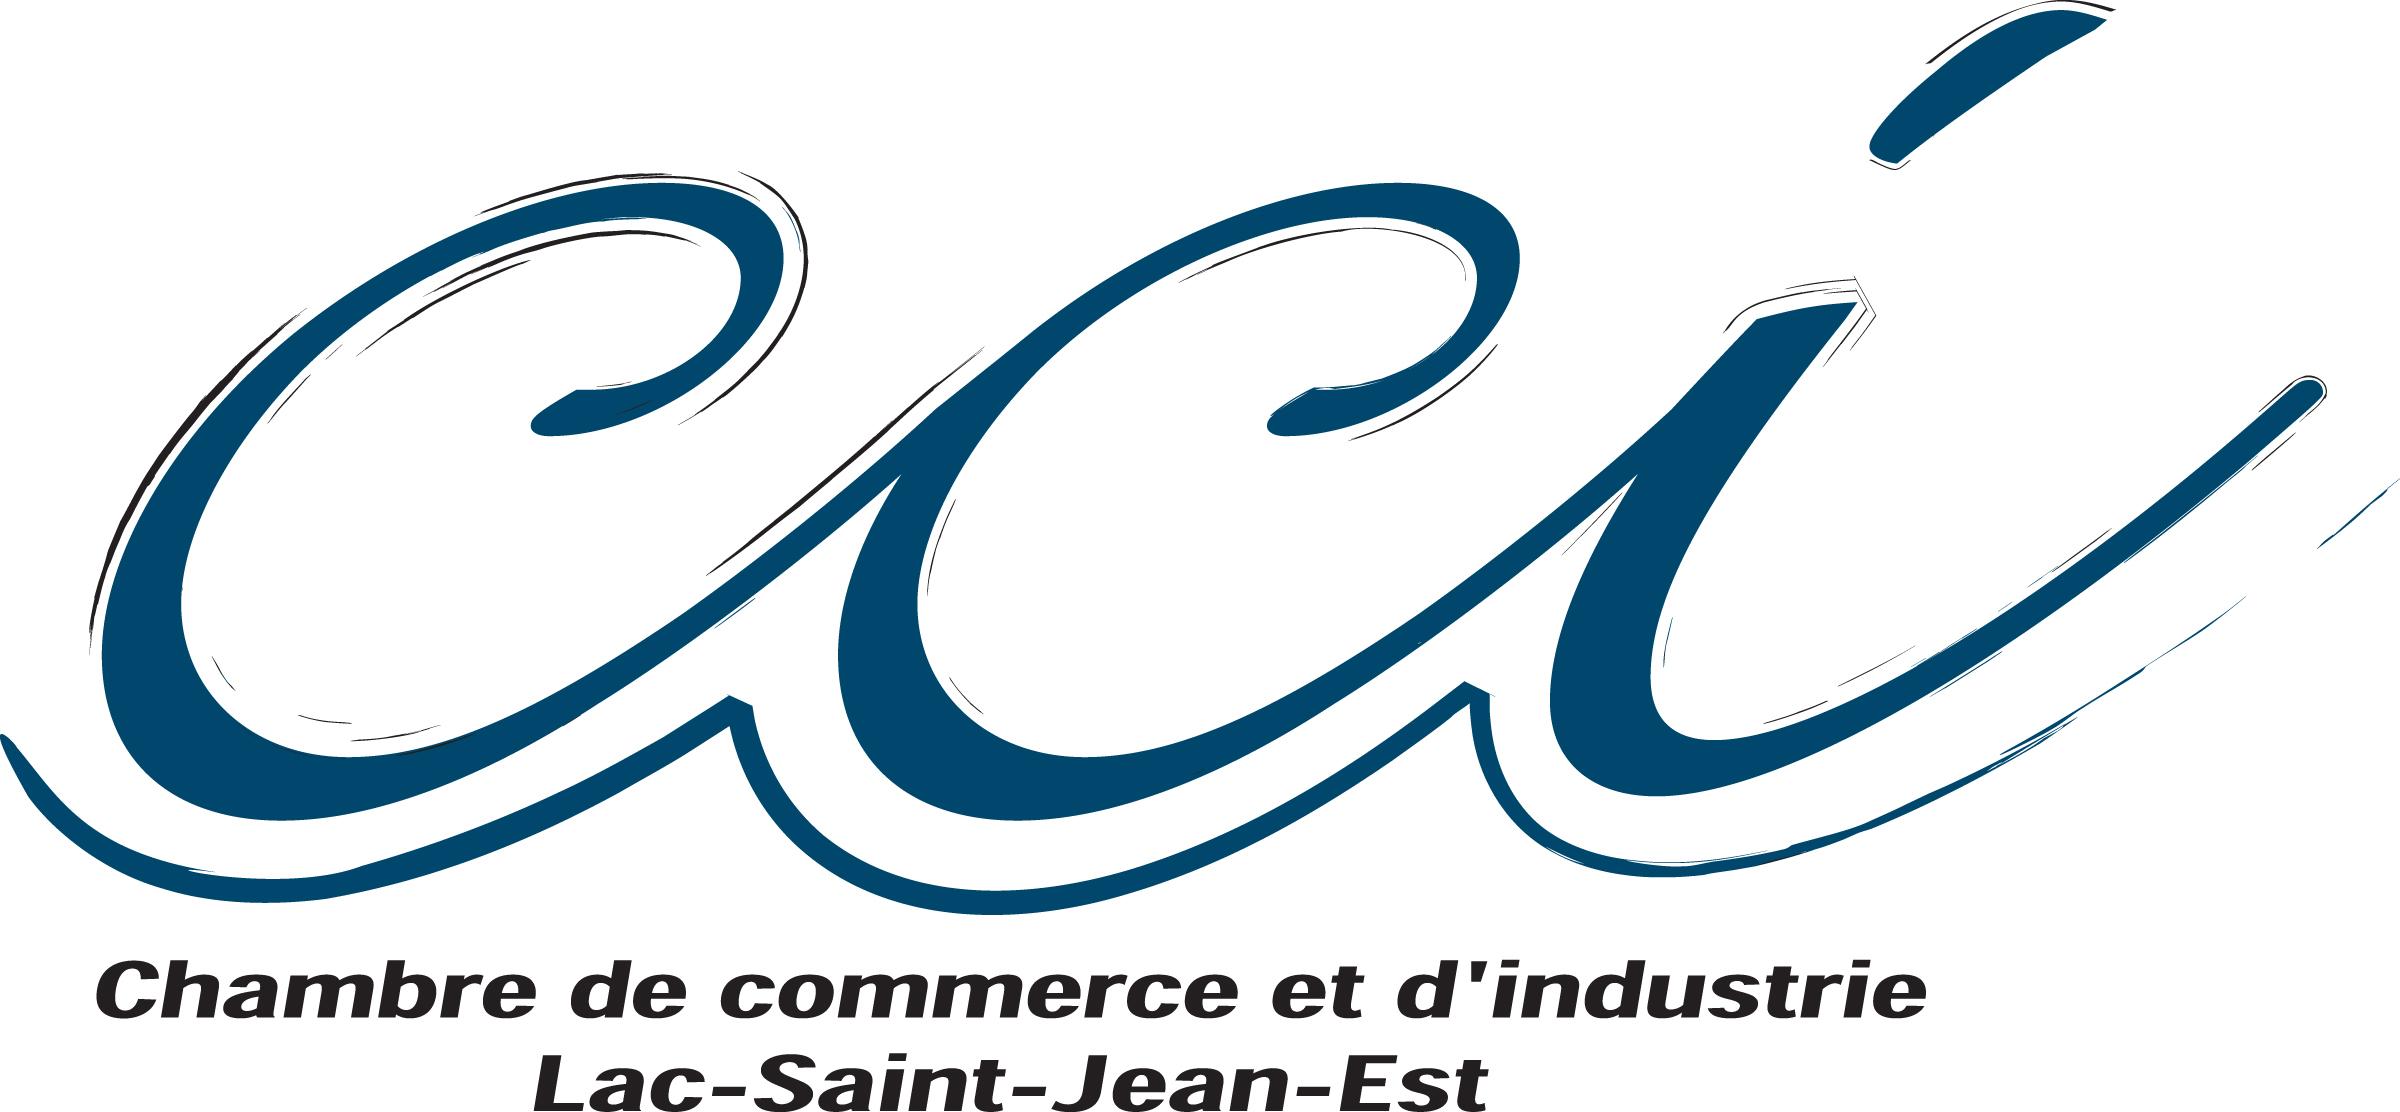 Chambre de commerce et d 39 industrie lac saint jean est for Chambre de commerce et d industrie de bruxelles